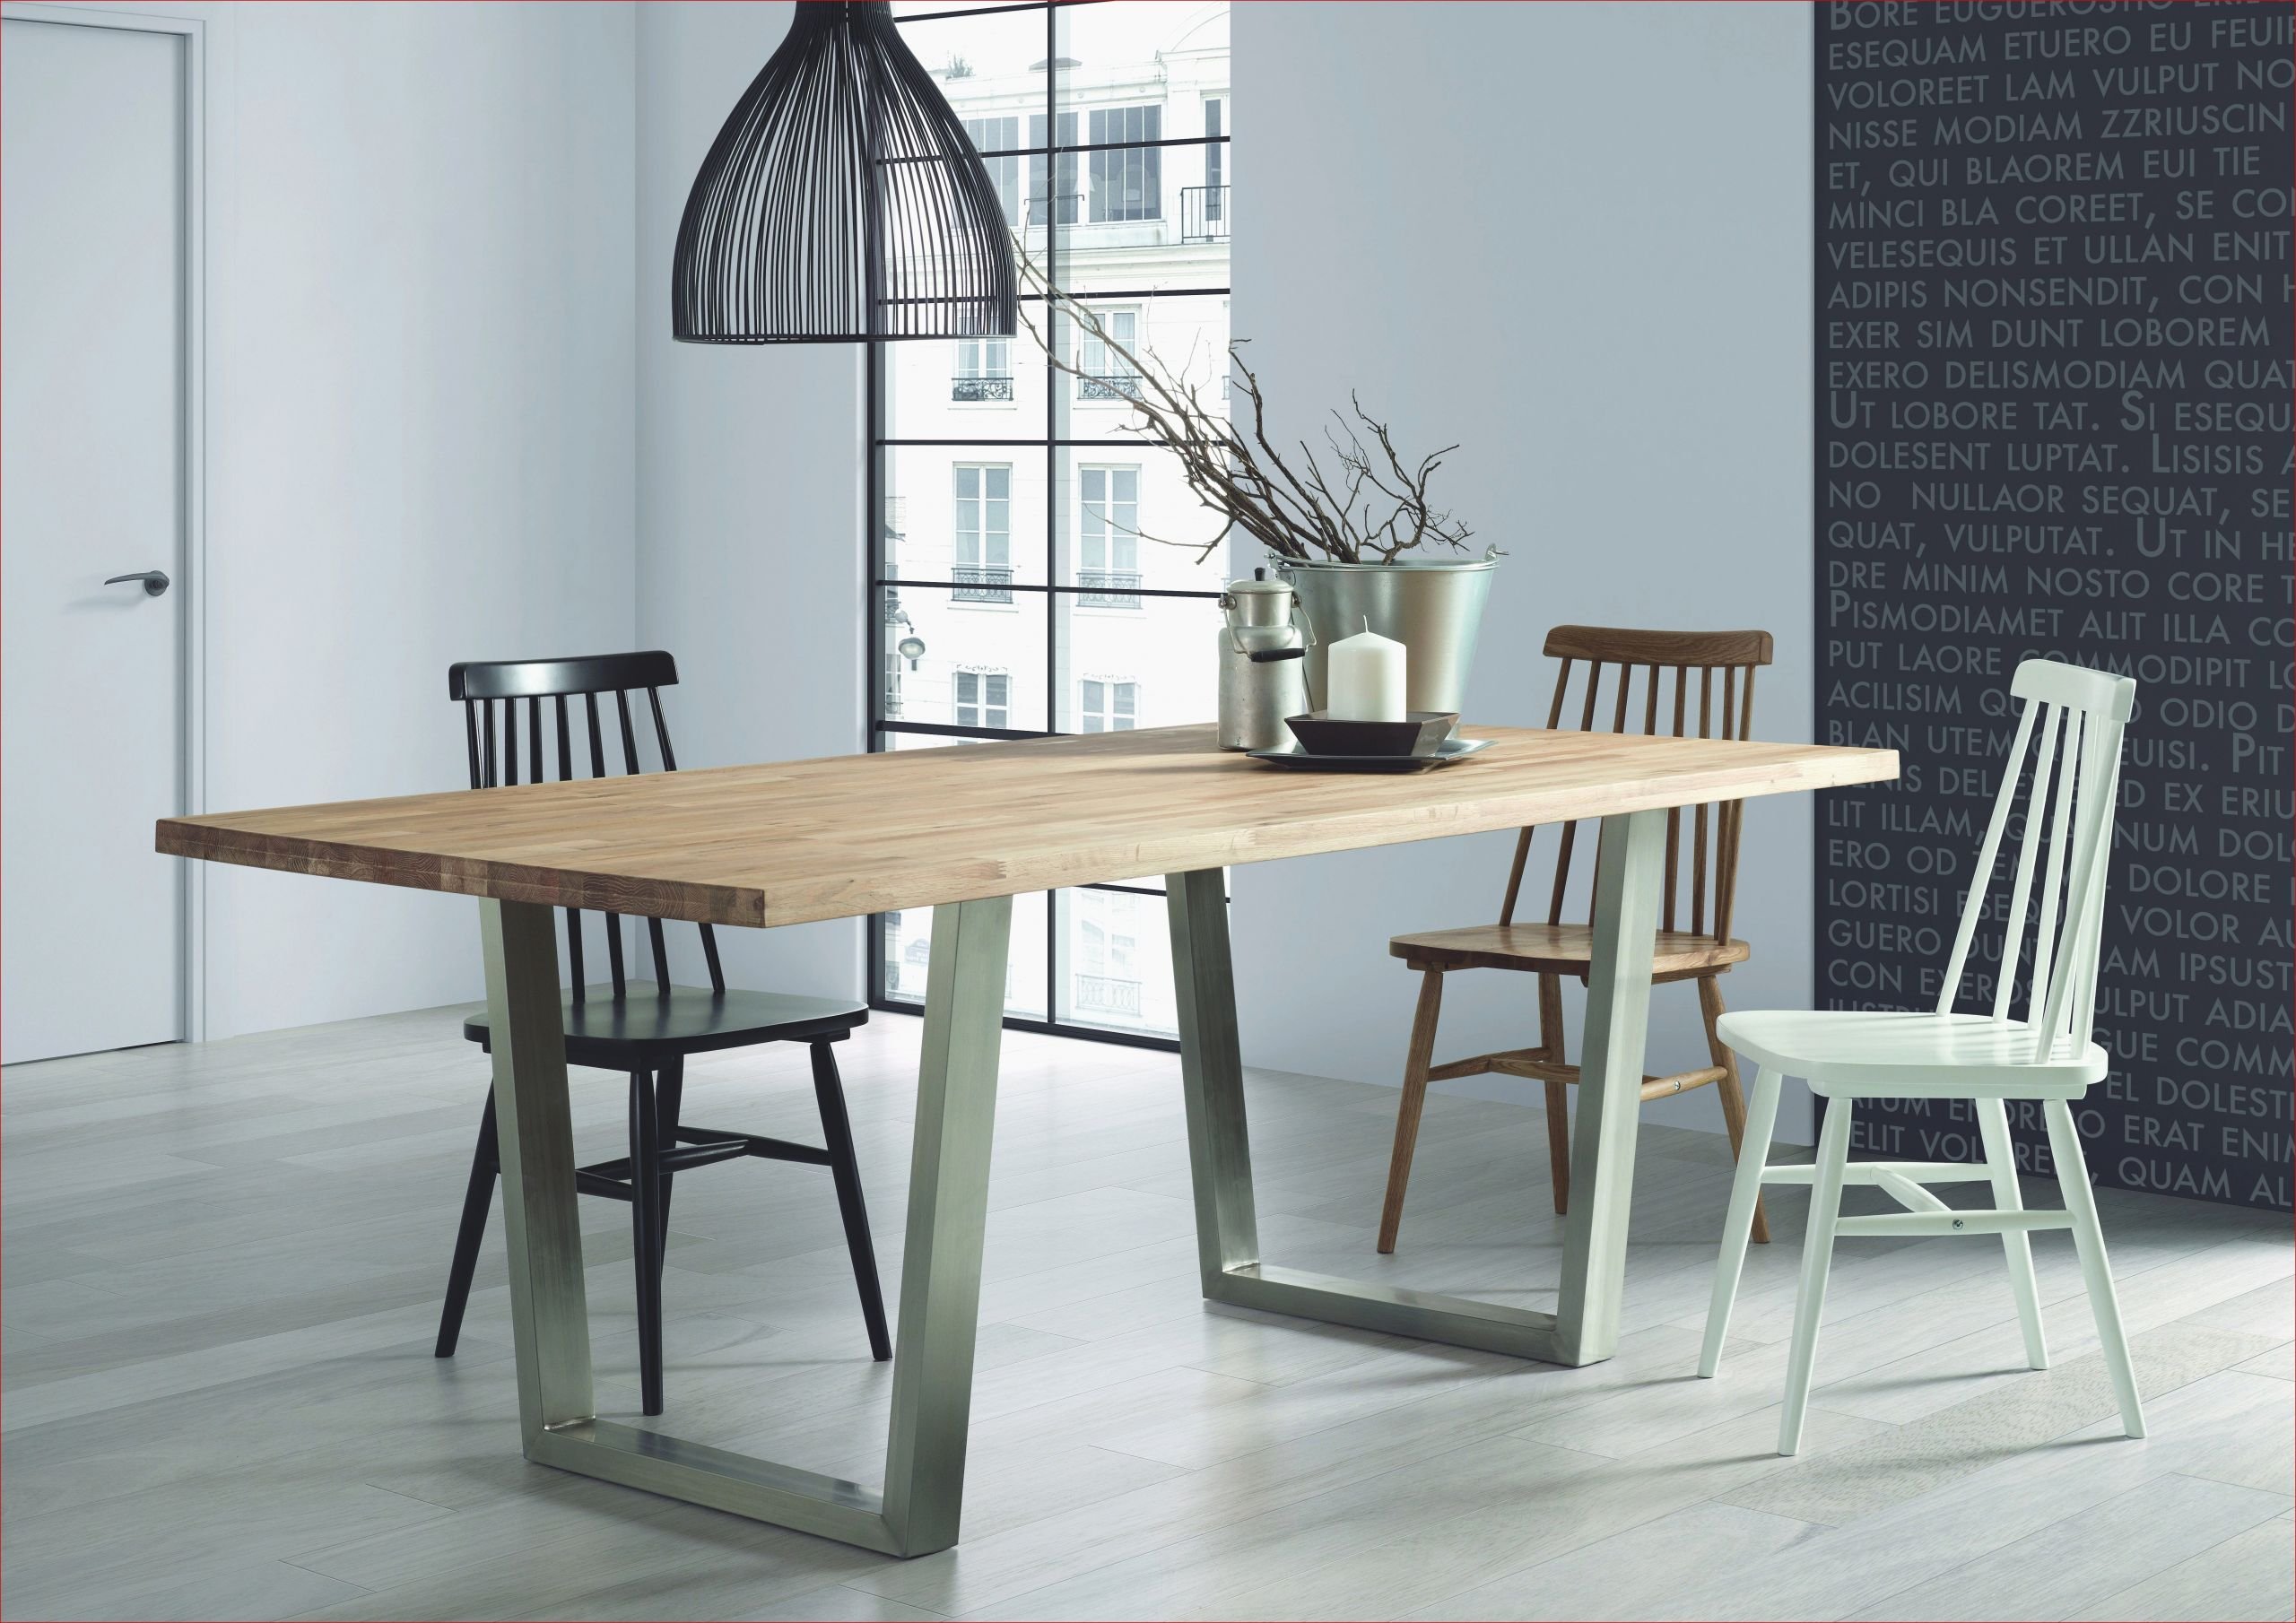 attrayant photographie de chaise de salle a manger en bois elegant 30 meilleur de chaise pour salle manger s of attrayant photographie de chaise de salle a manger en bois